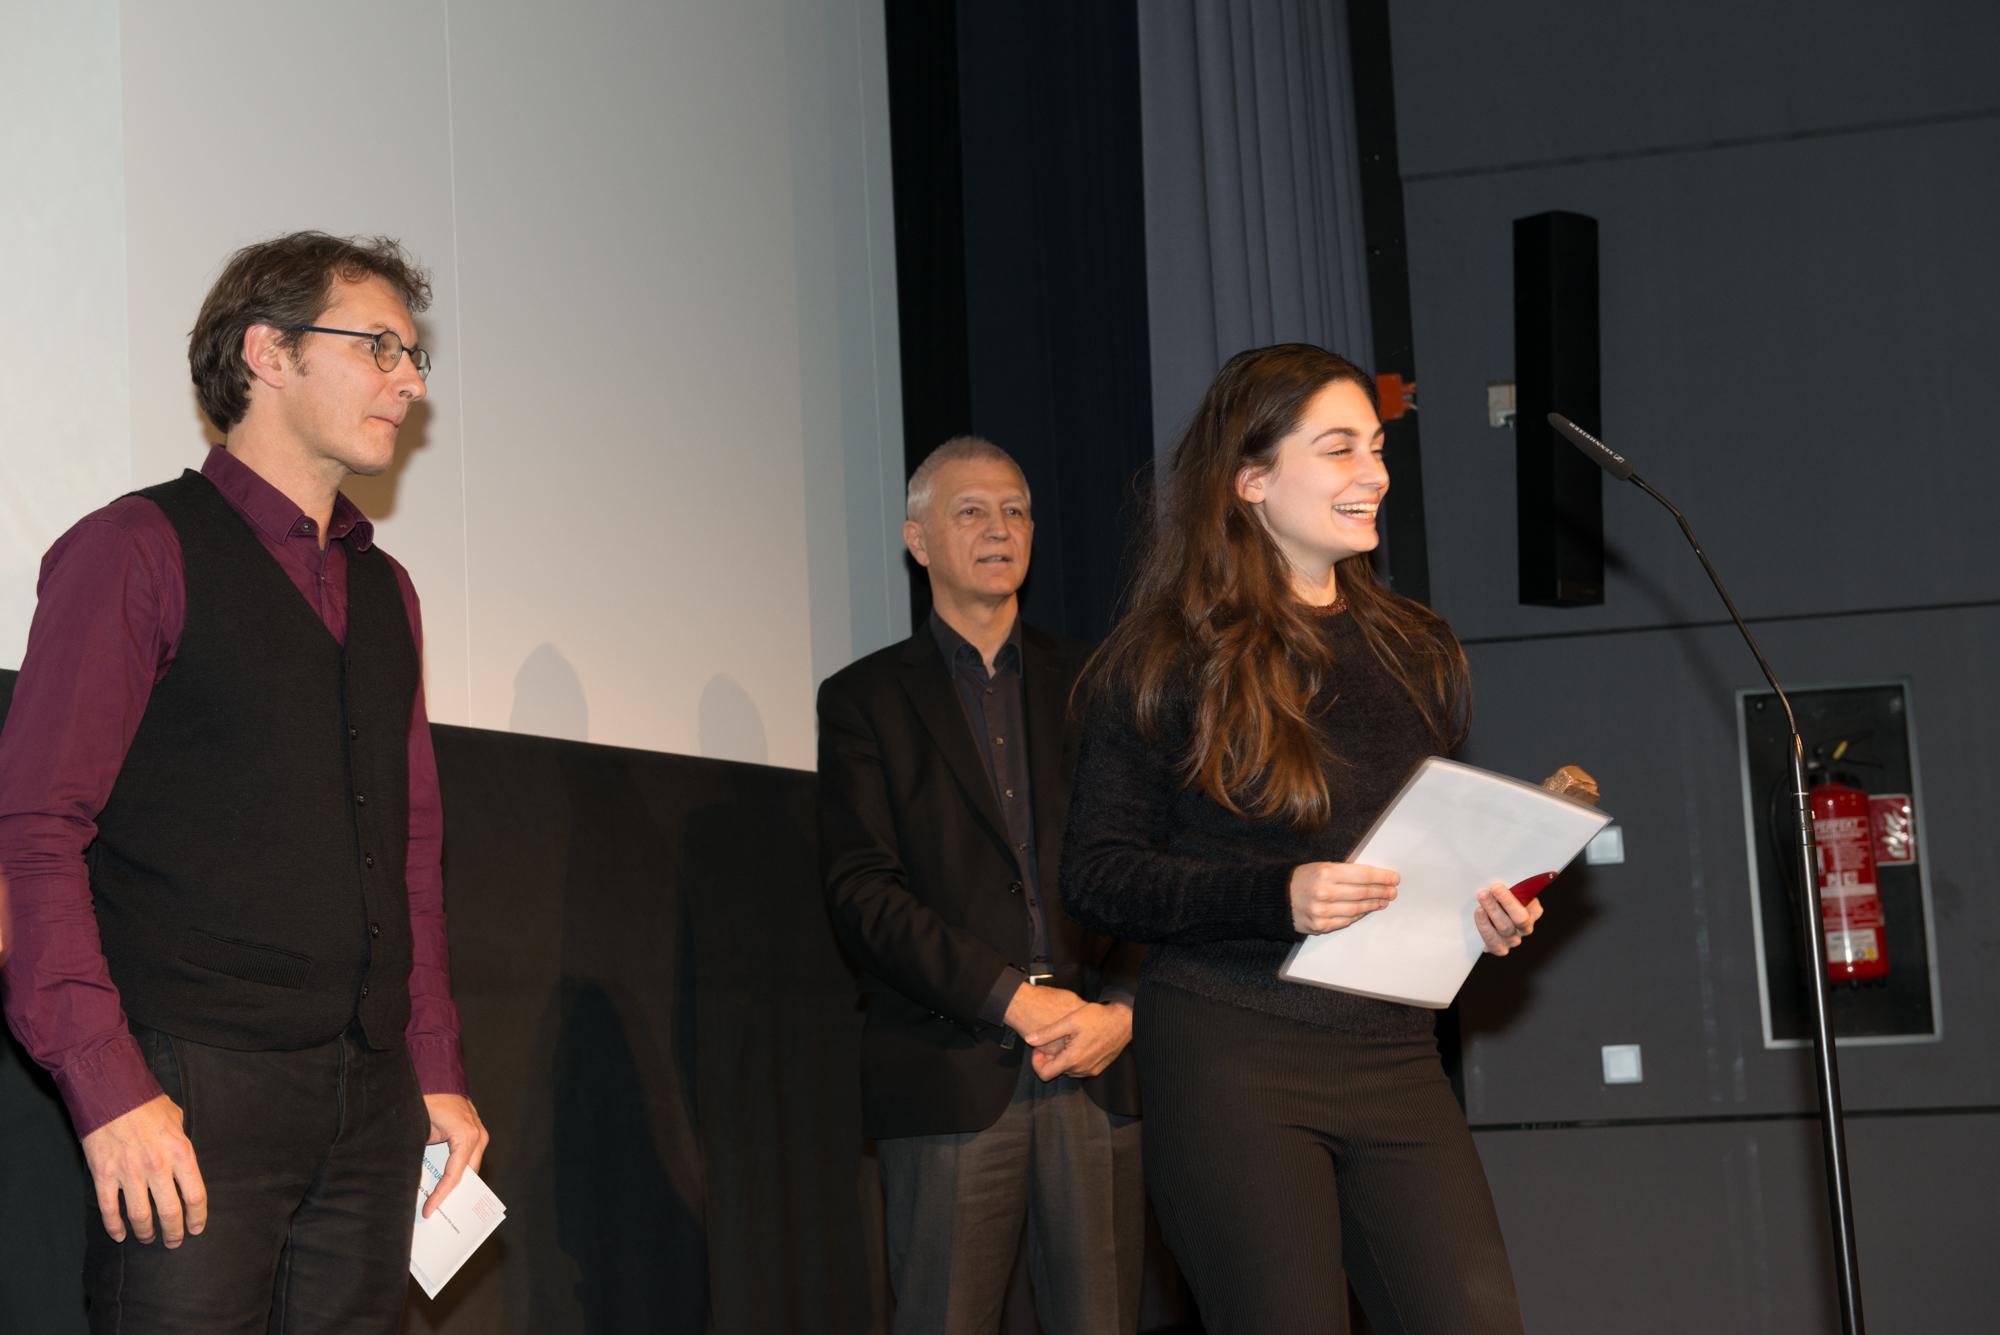 Internationales Festival der Filmhochschulen München 2018 - Preisverleihung 5